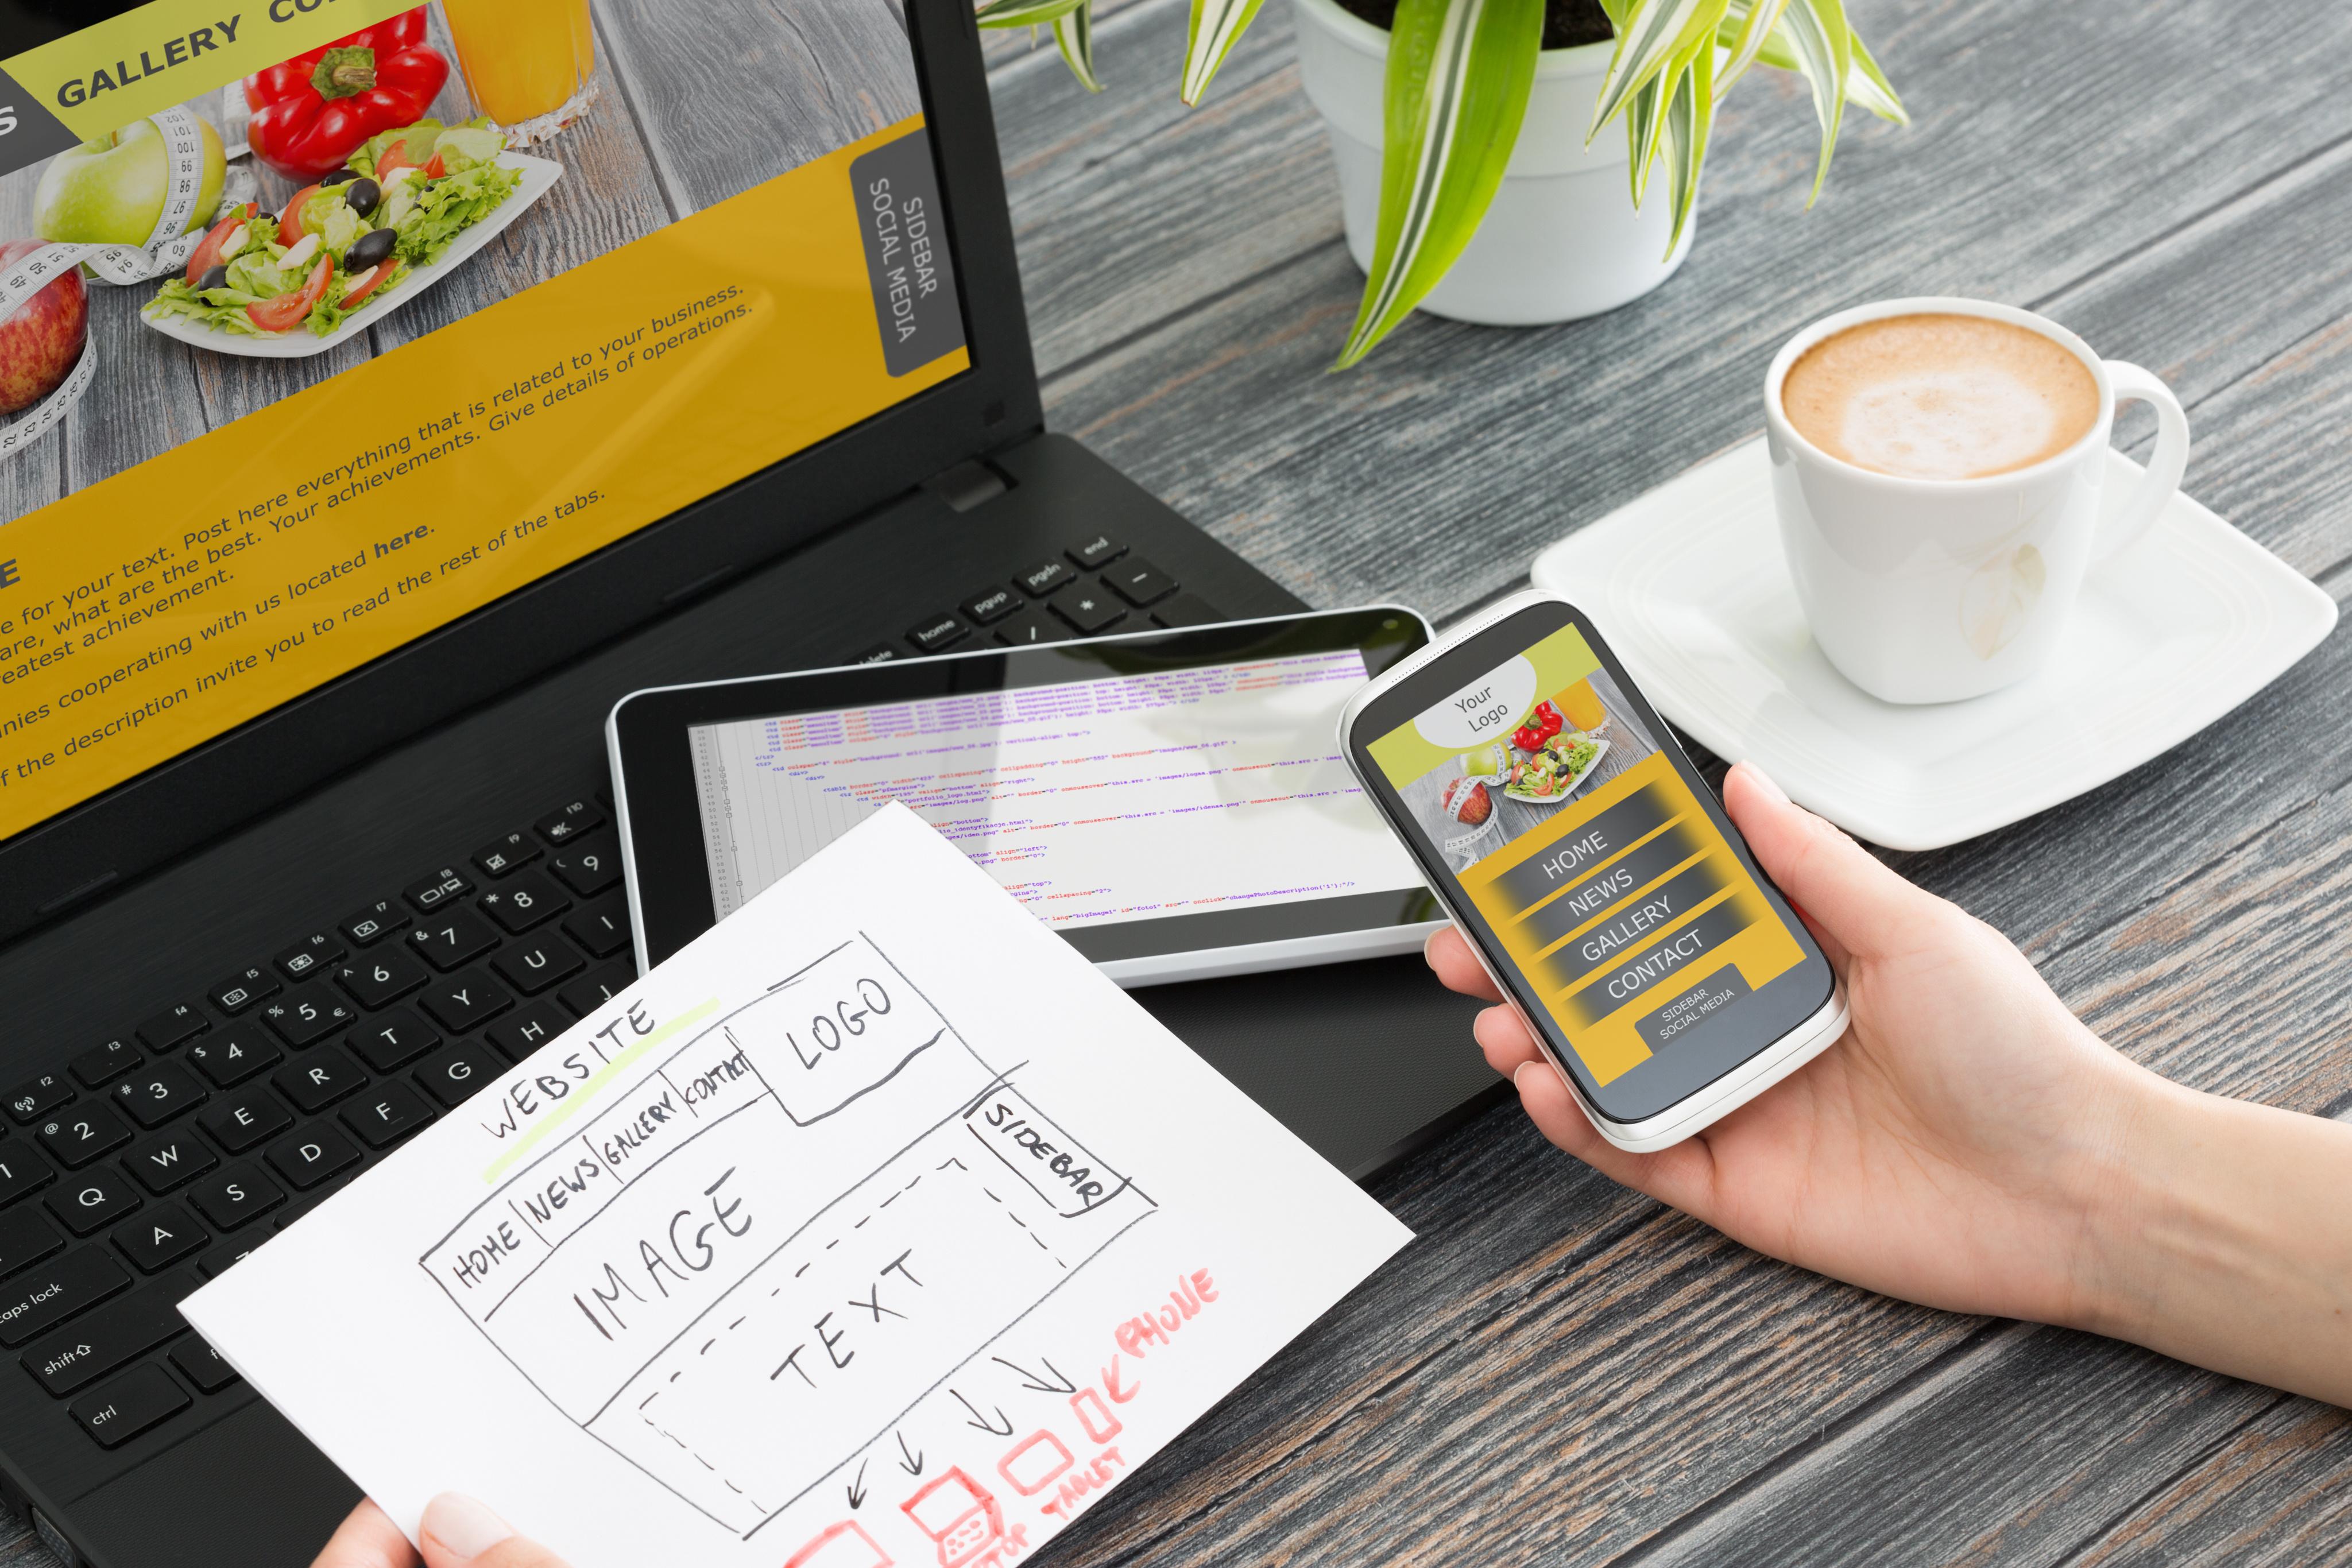 Web-Design & -Gestaltung: Web-Design nach Maß - für Ihren optimalen Web-Auftritt